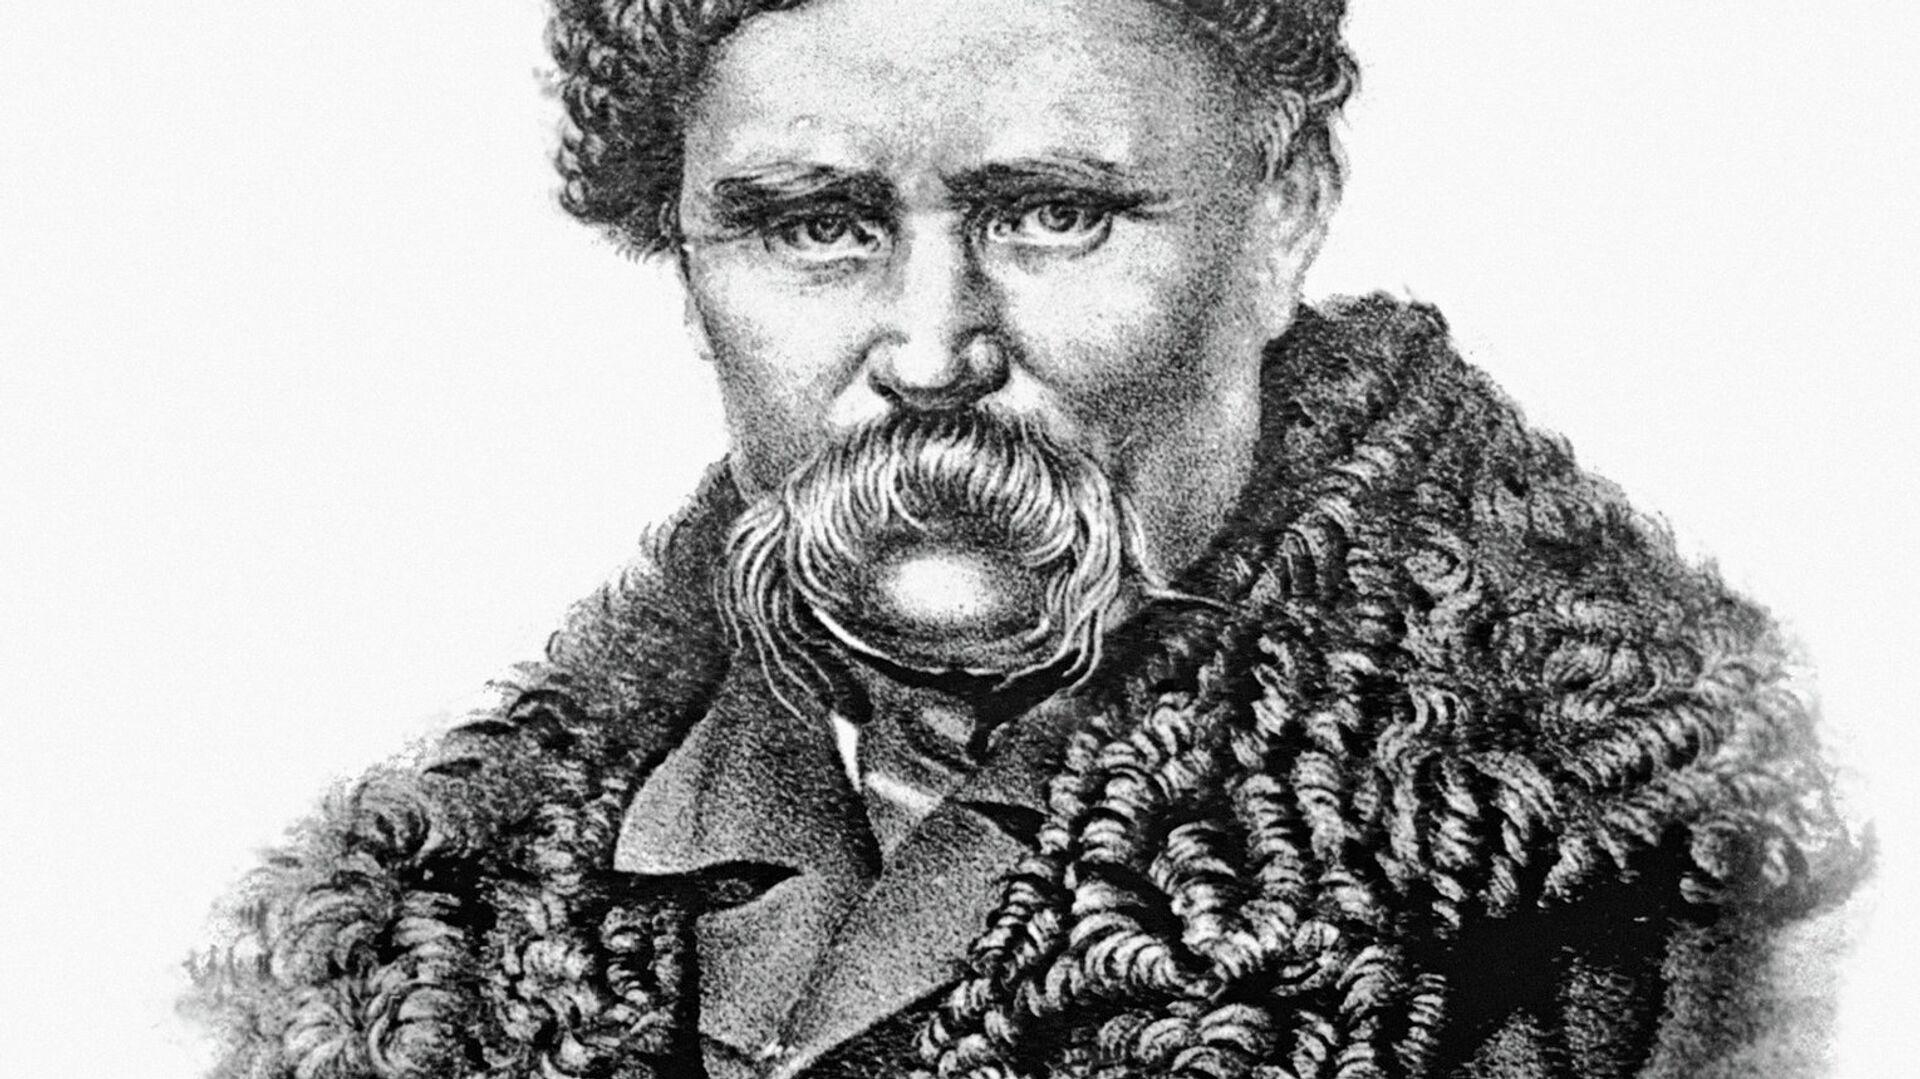 Украинский поэт Тарас Шевченко - РИА Новости, 1920, 24.04.2021